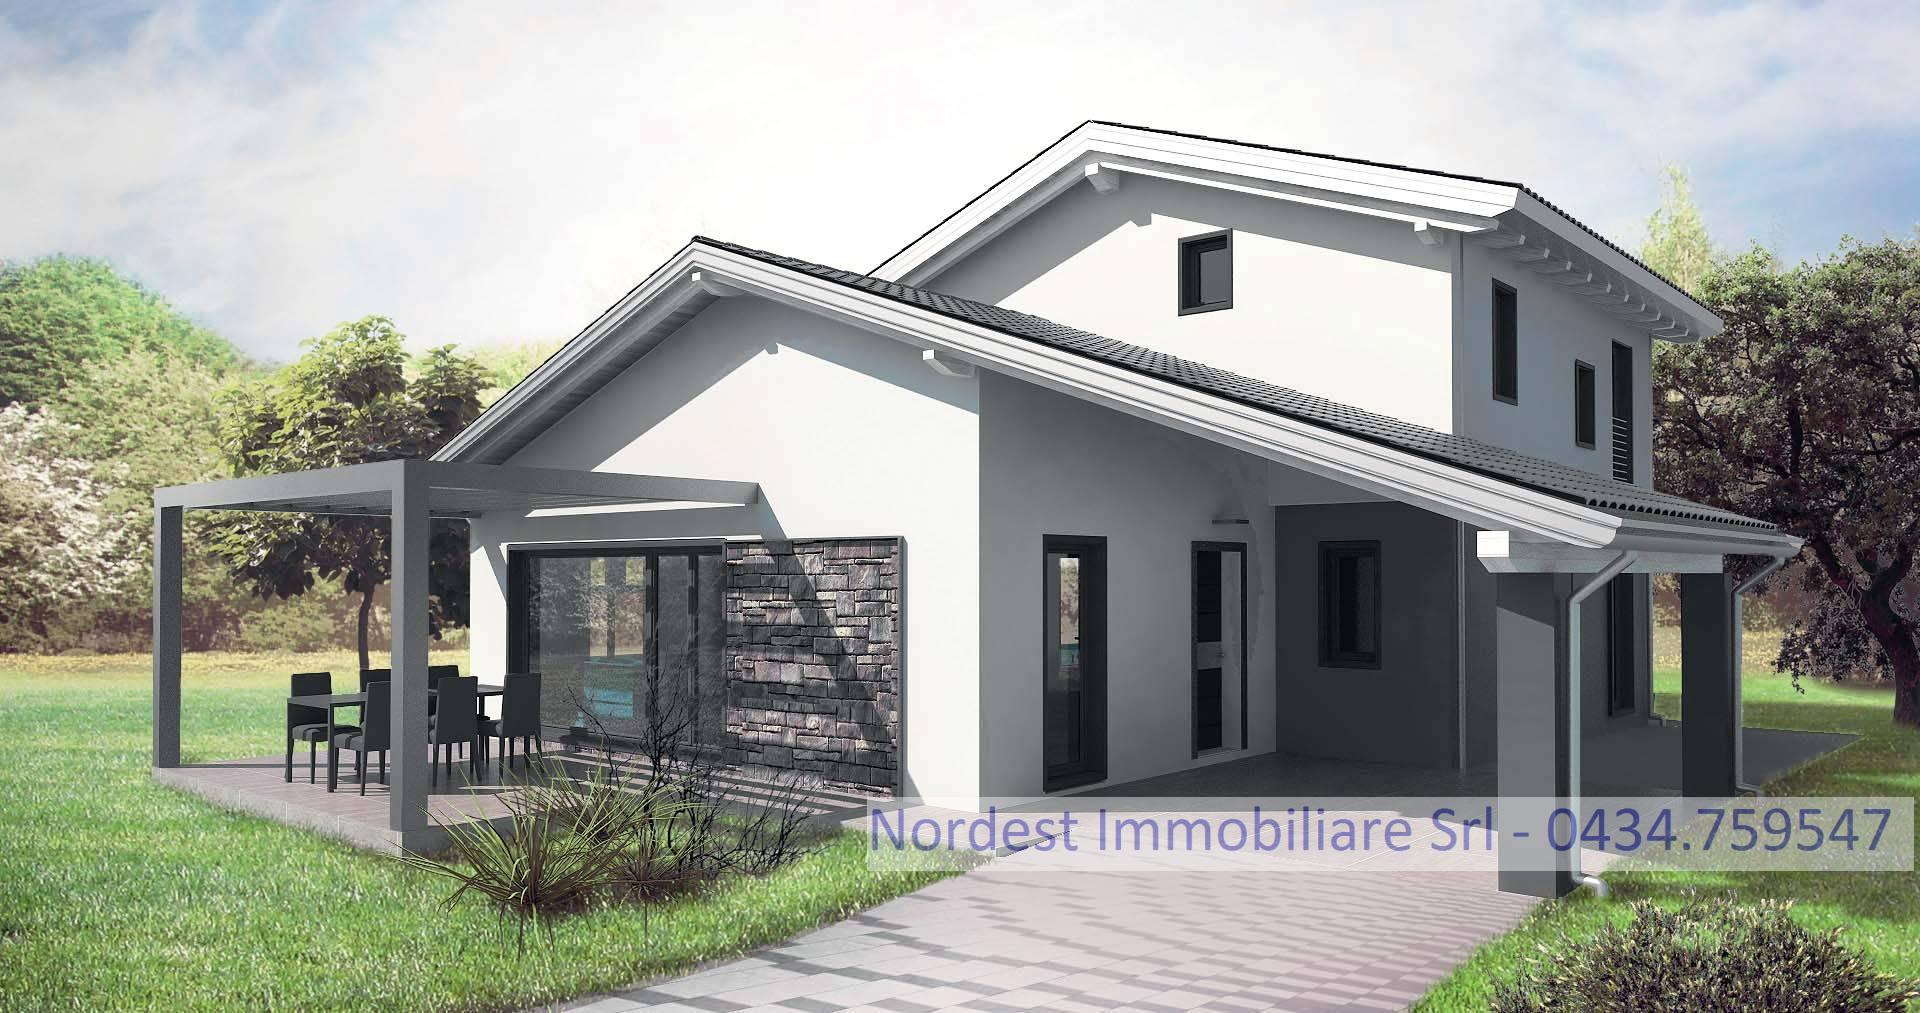 Soluzione Indipendente in vendita a La Valle Agordina, 6 locali, prezzo € 160.000 | CambioCasa.it